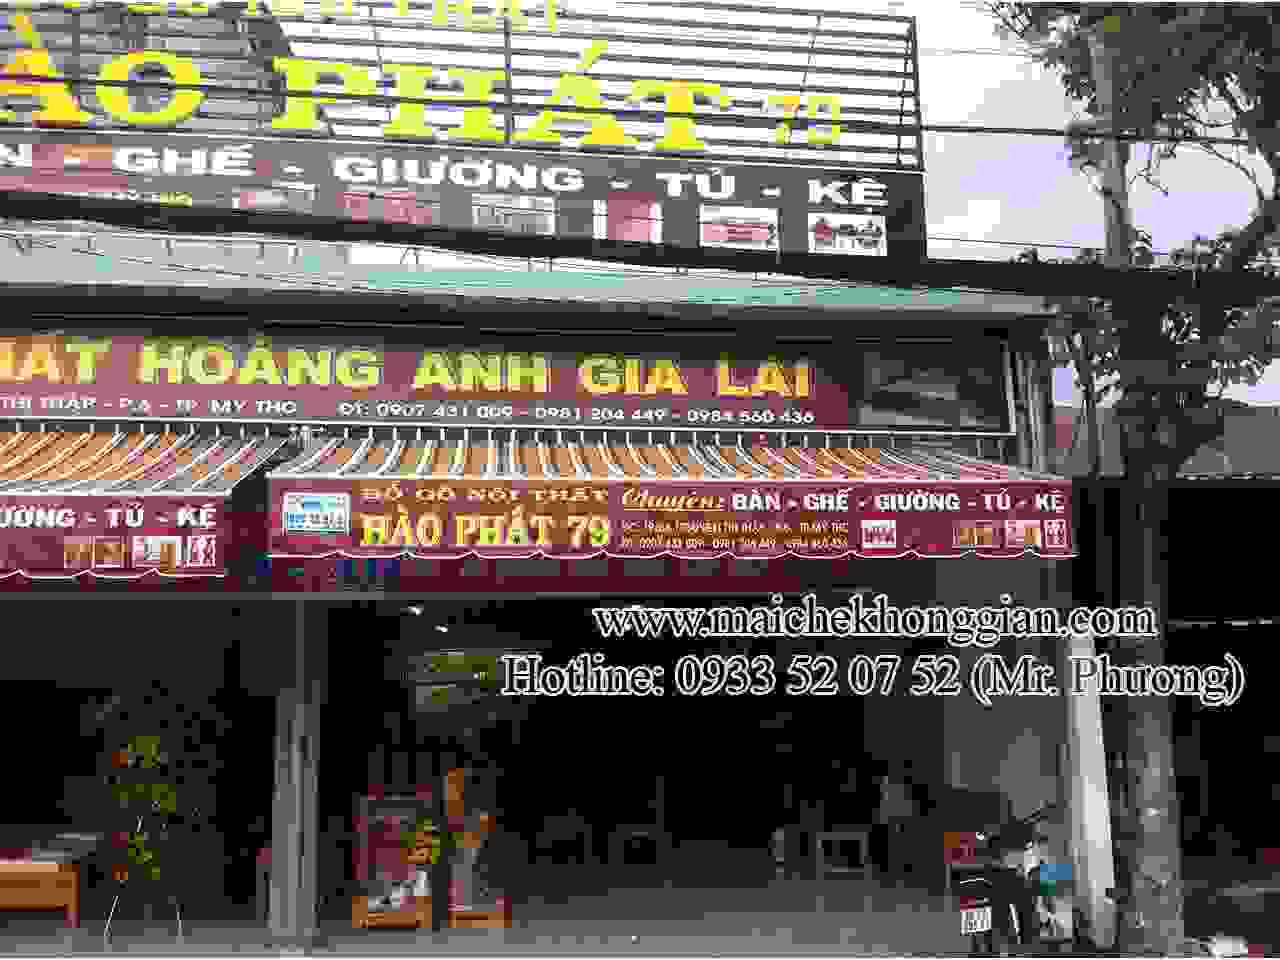 Bán Mái Hiên Thị Xã Long Mỹ Hậu Giang